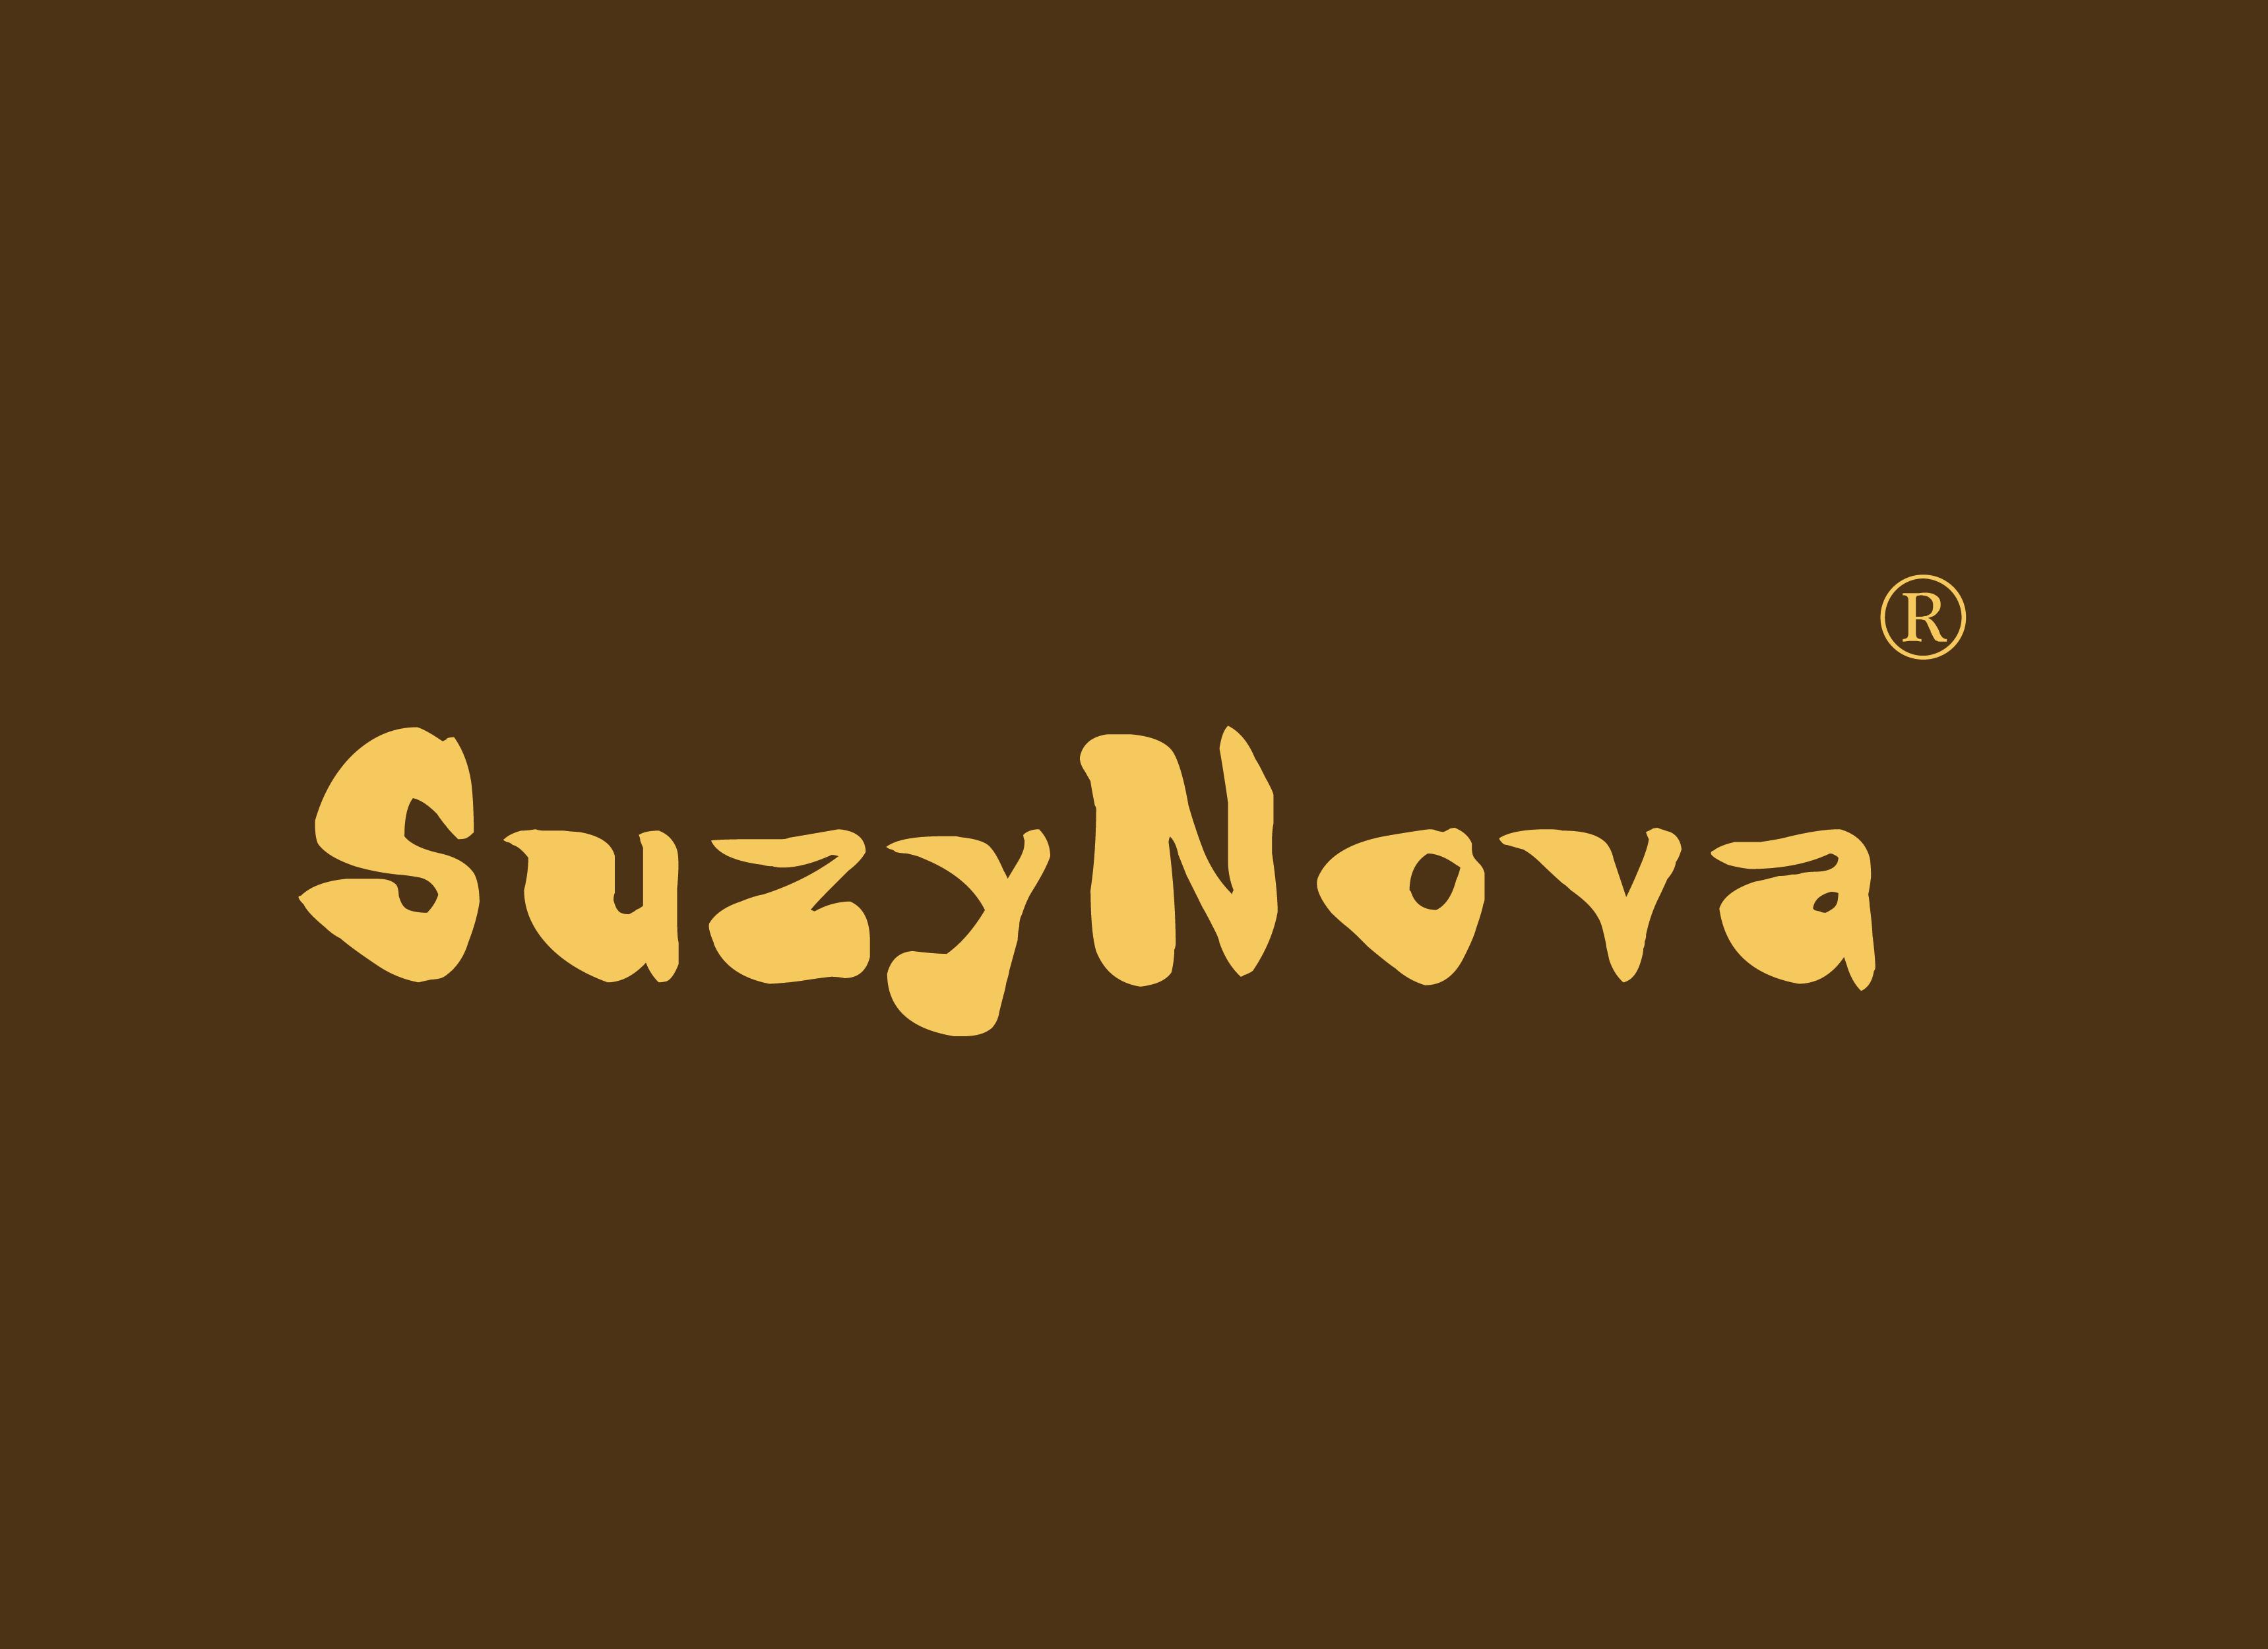 SUZYNOVA